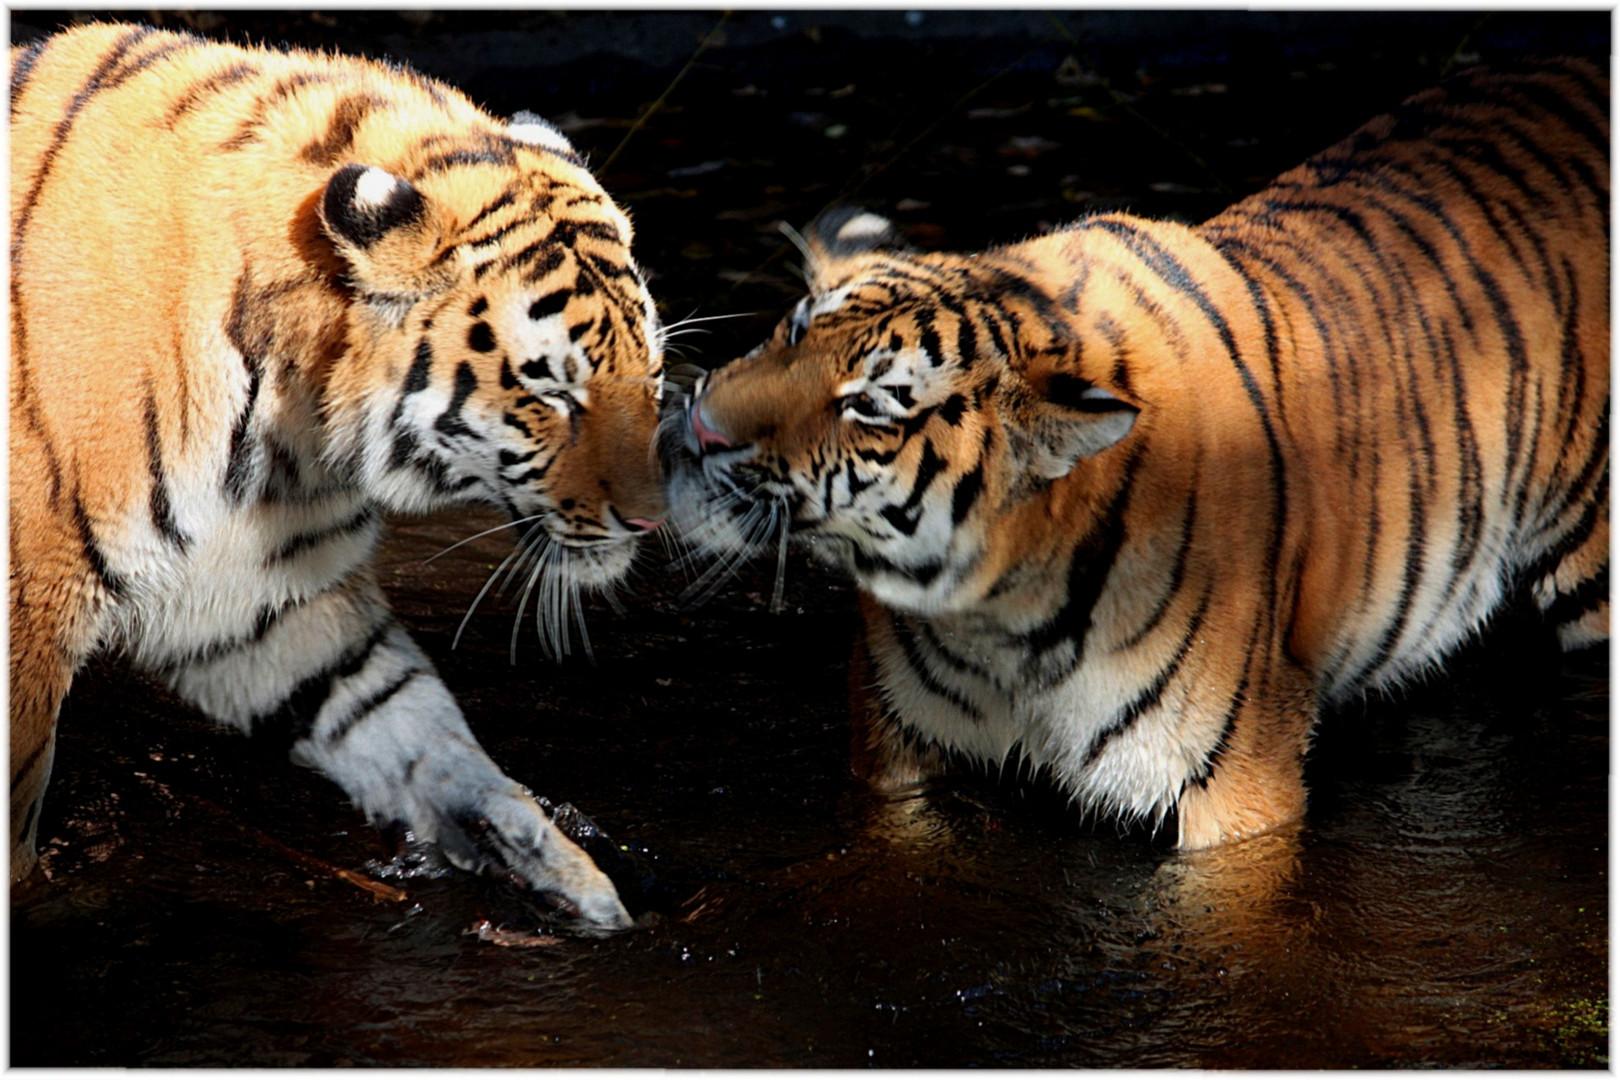 Trilogie 3 Vertragen Wir Uns Wieder Foto Bild Tiere Zoo